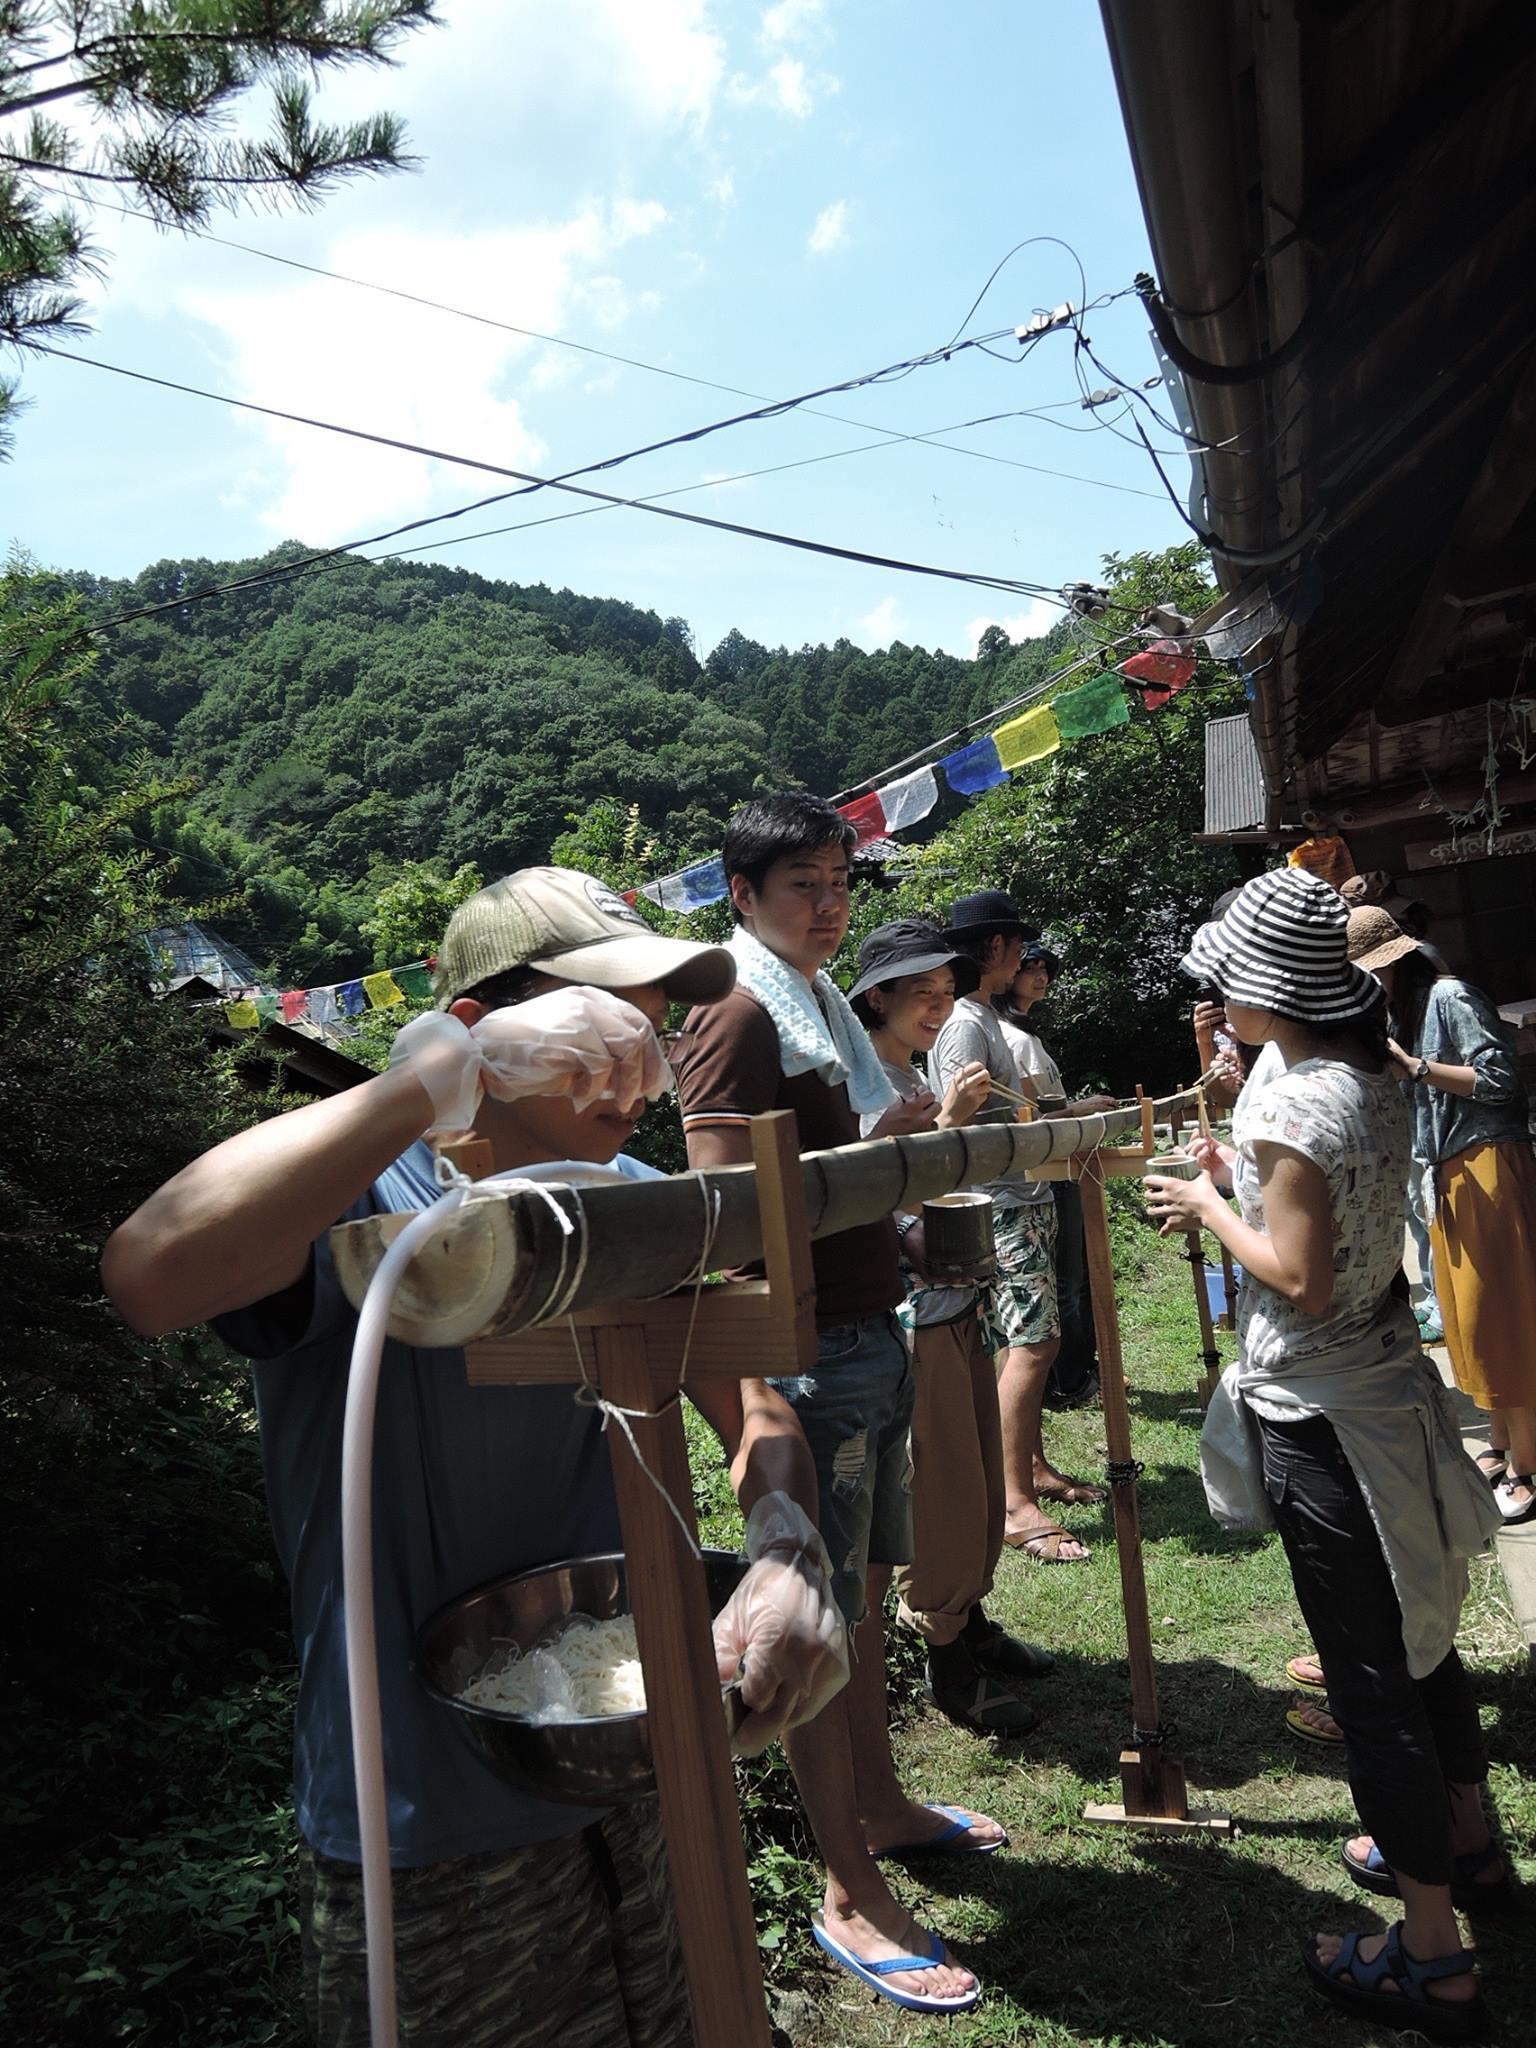 千早day ! 8/4(日) 大人の夏休み?!流し素麺~~_e0111396_20120201.jpg